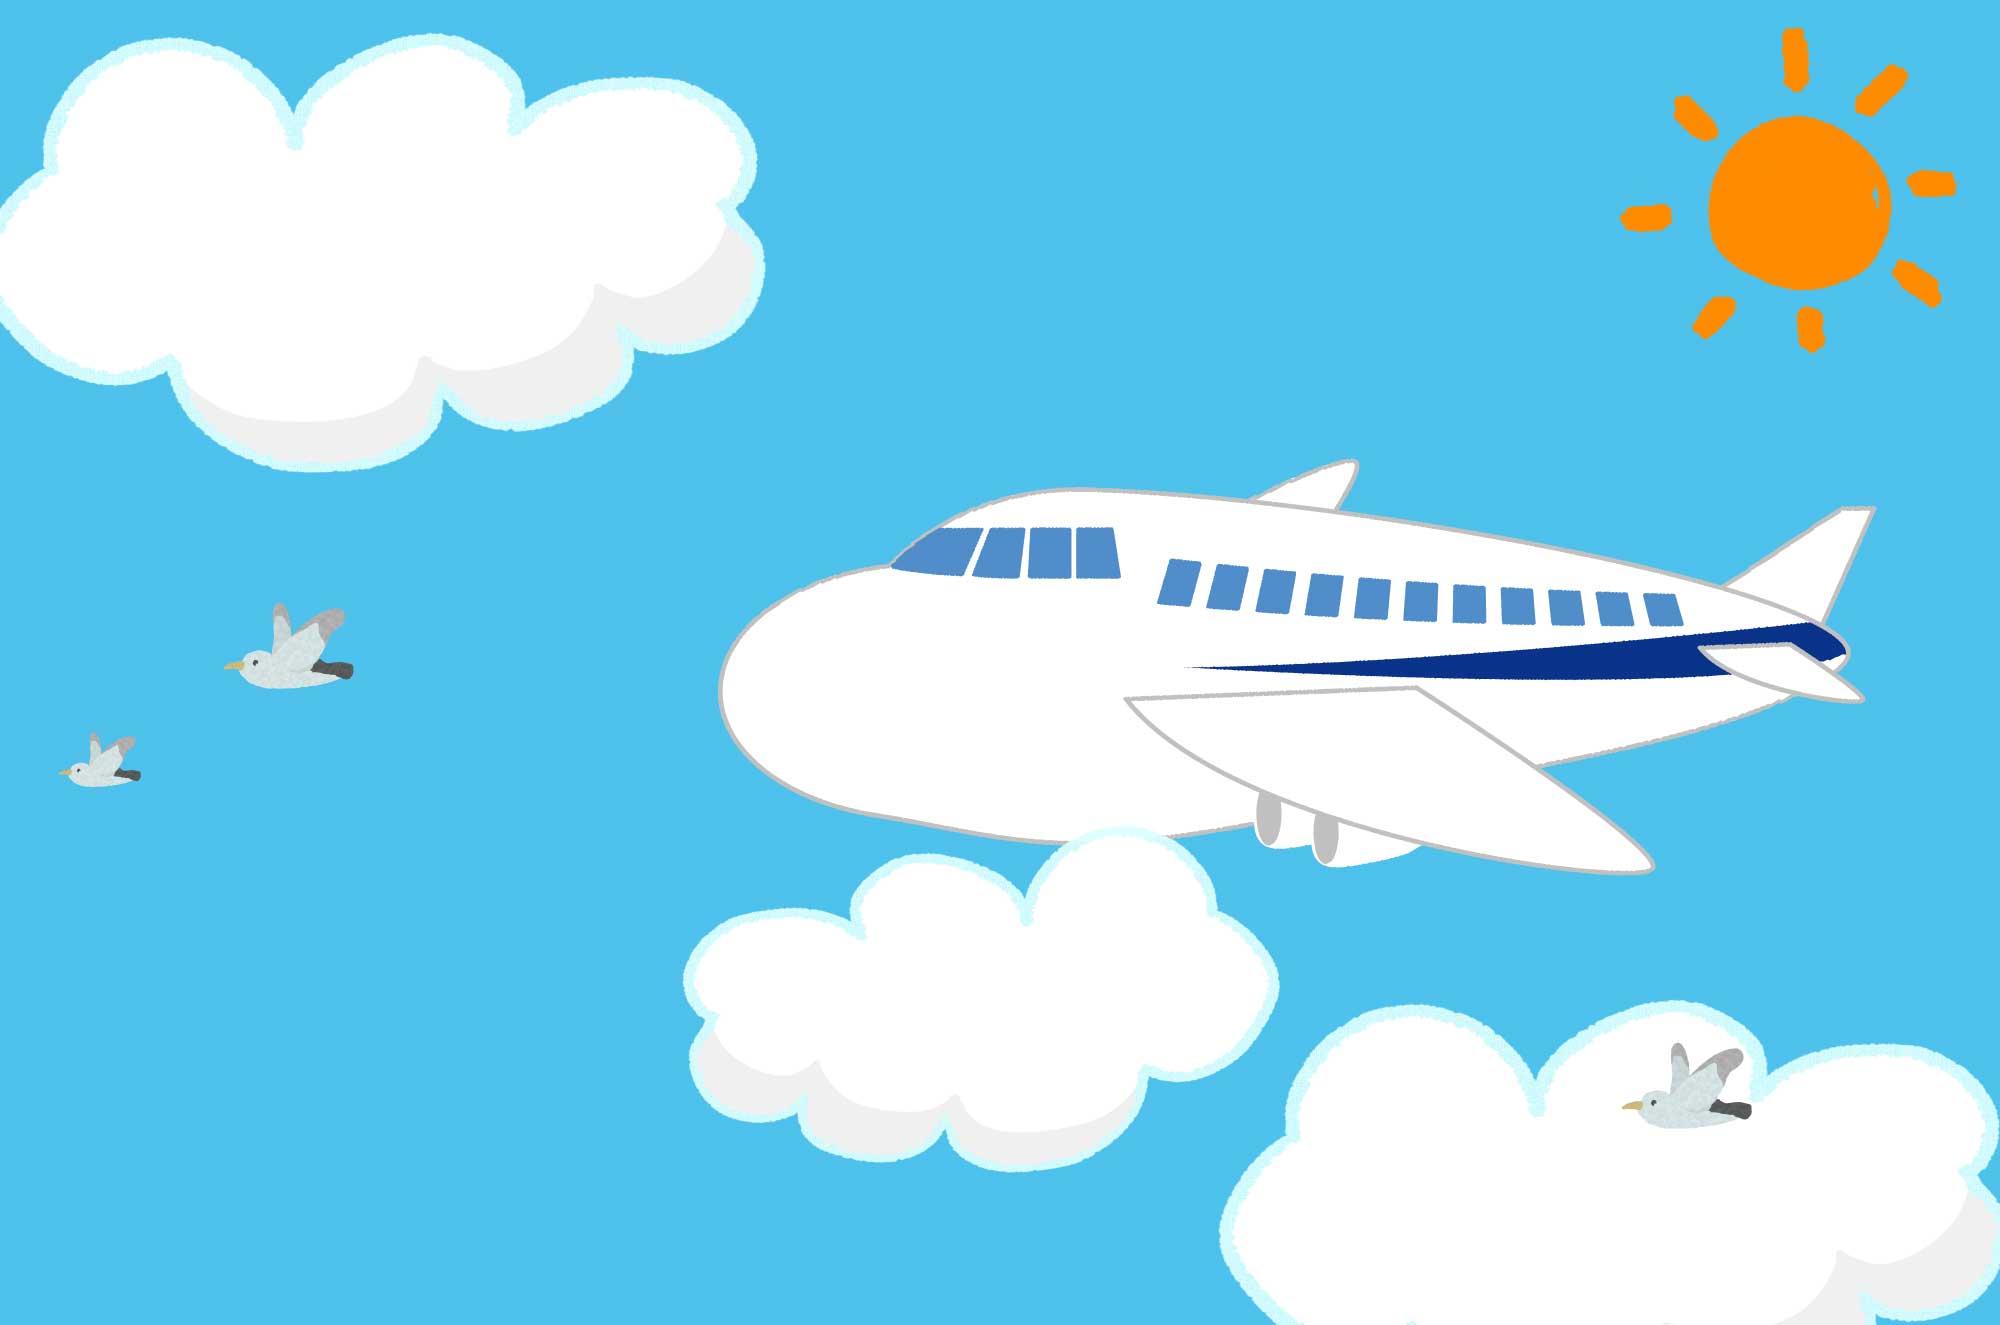 可愛い飛行機のイラスト - 空の乗り物無料素材